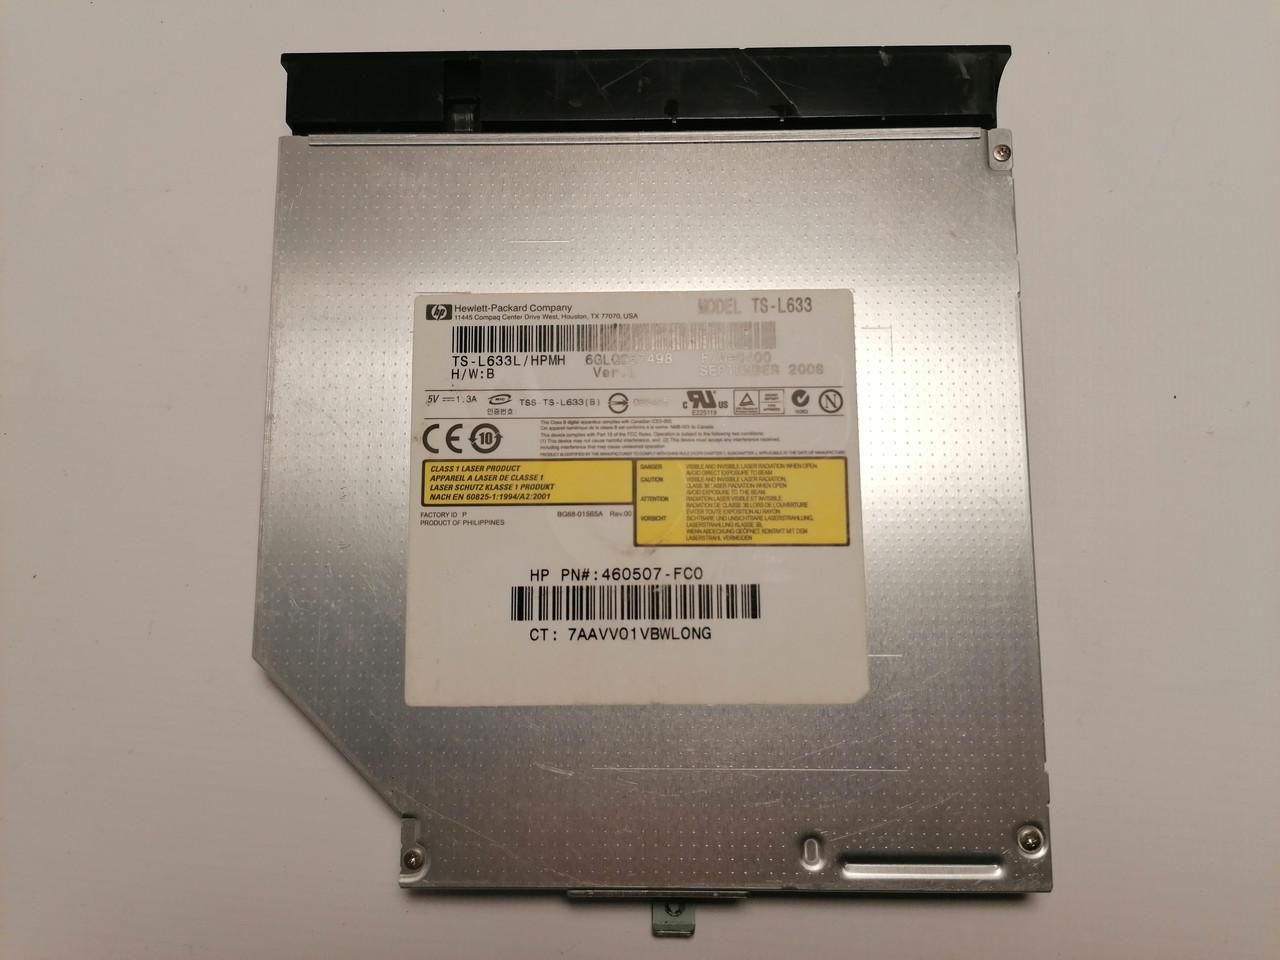 Б/У Оптичний привід для ноутбука HP TS-L633 (p/n 460507-FC0)